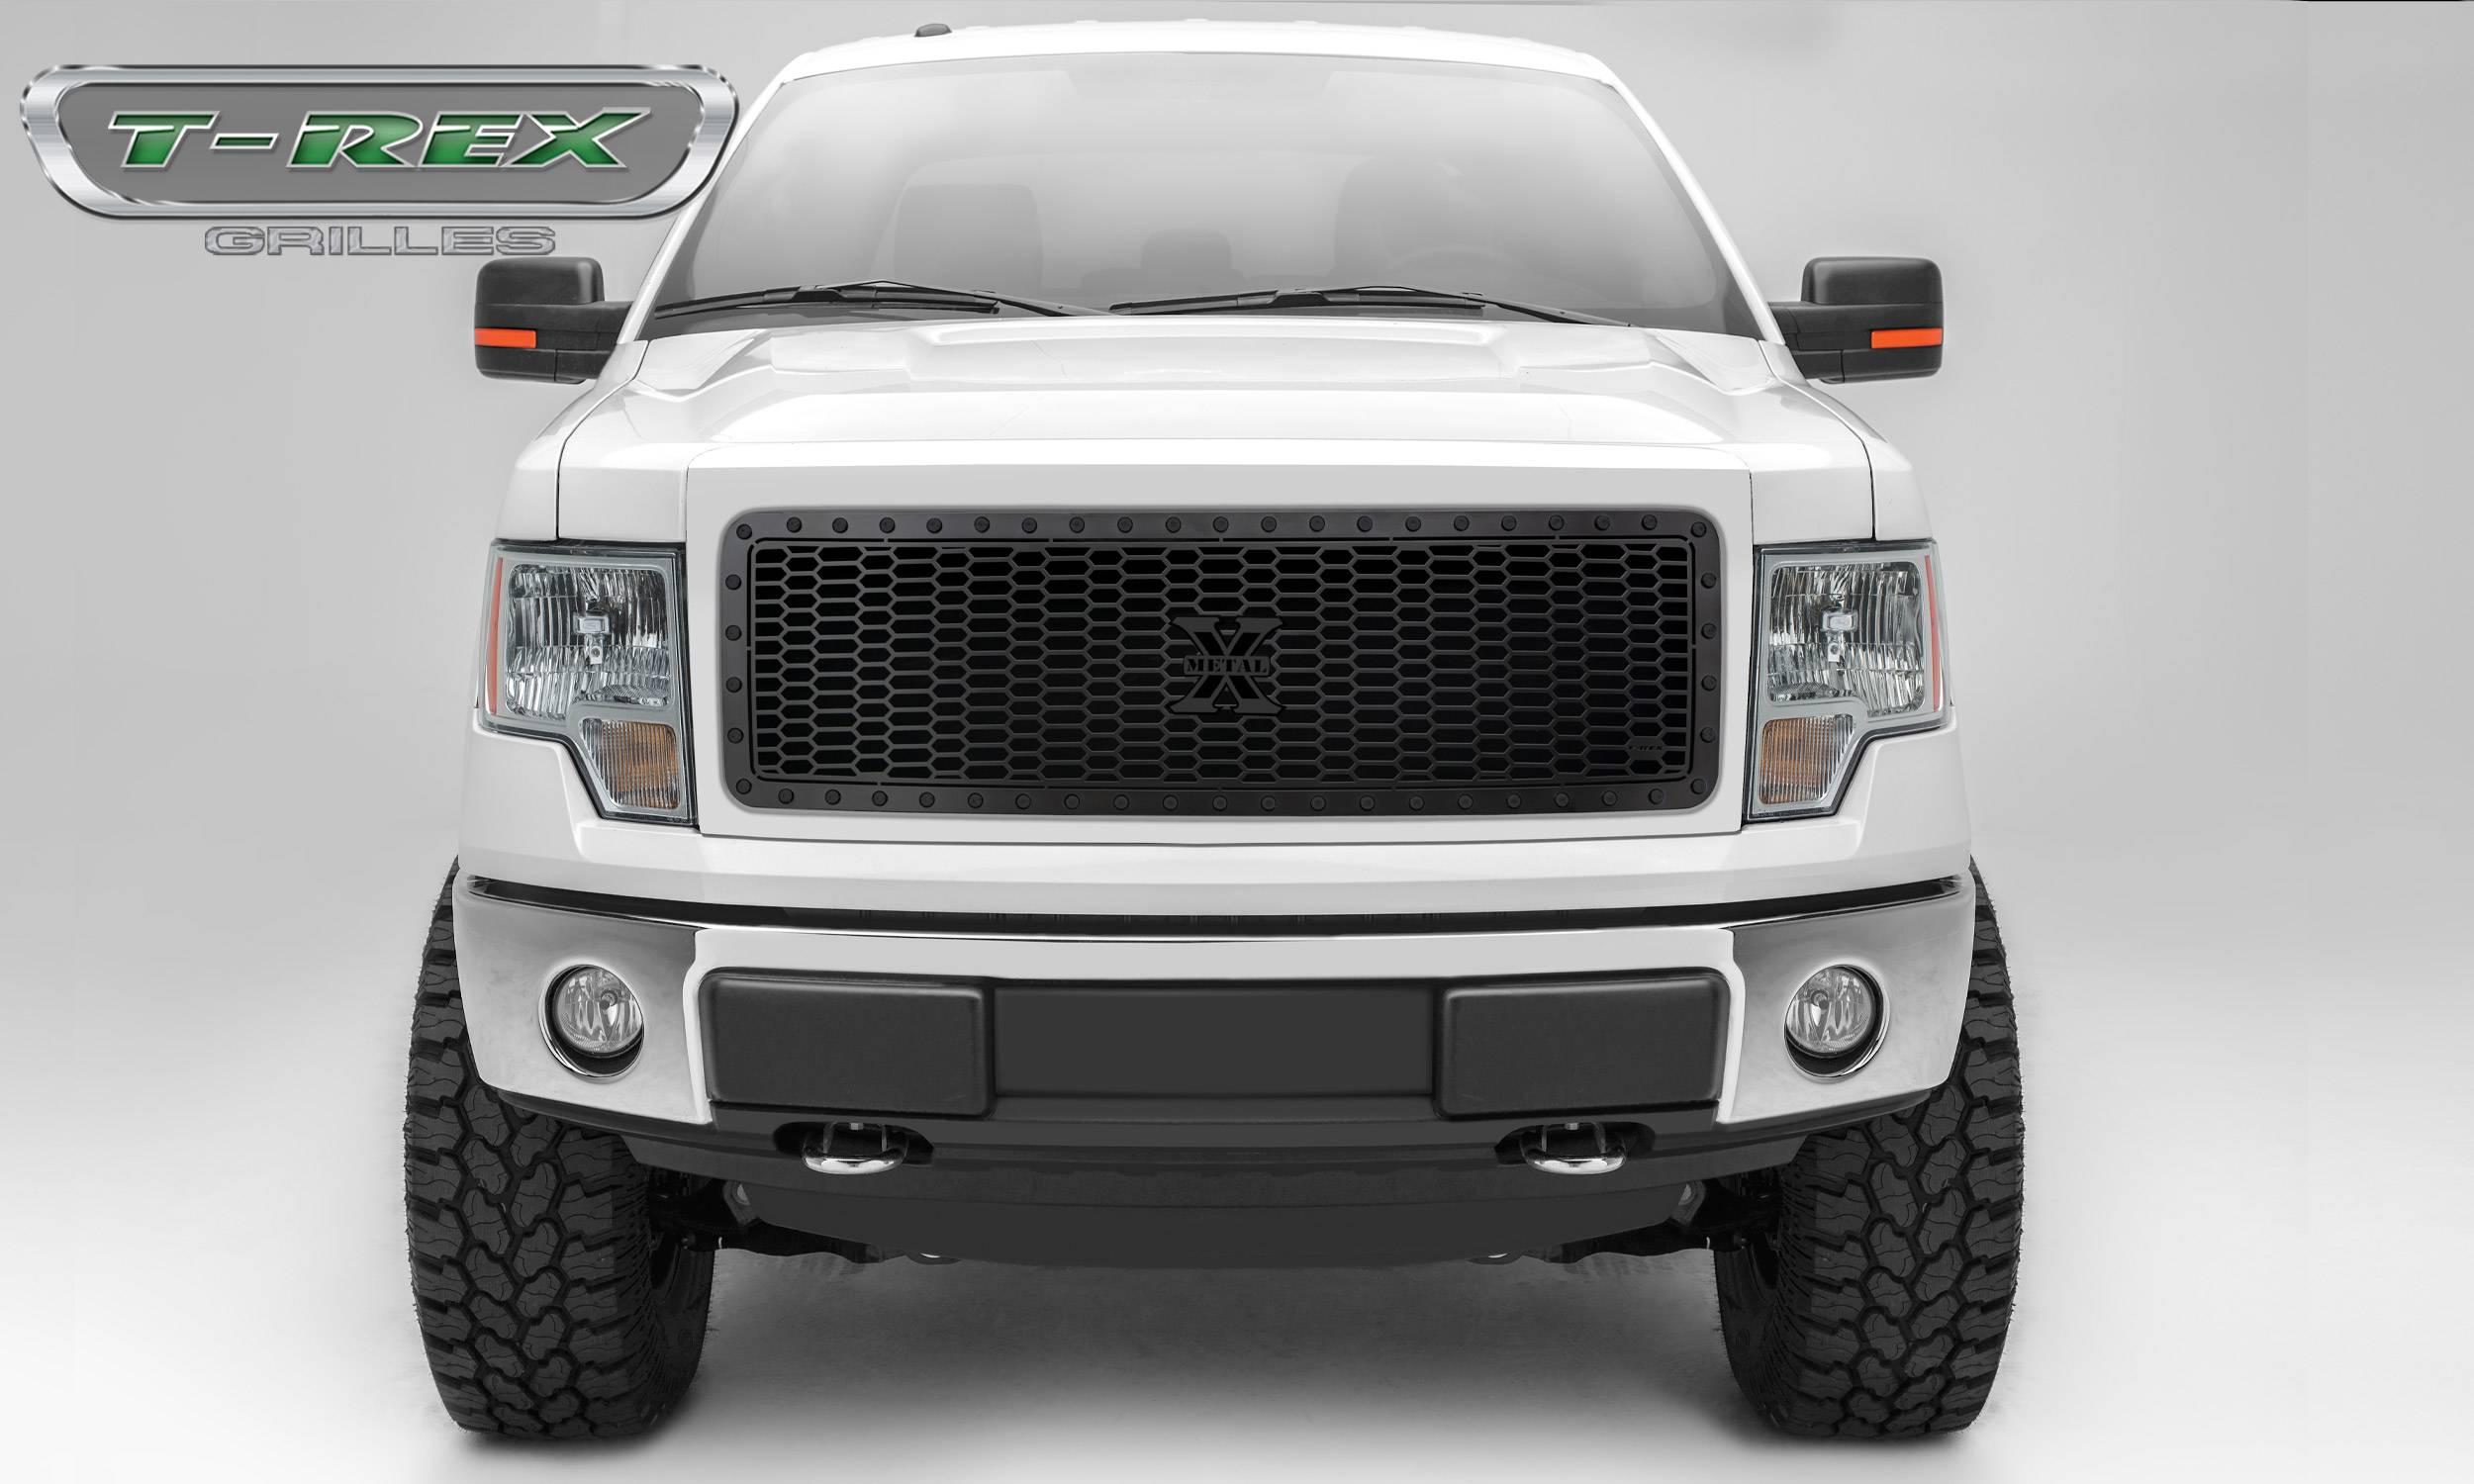 T-REX Grilles - 2013-2014 Ford F-150 Stealth Laser X Grille, Black, Mild Steel, 1 Pc, Insert -#7715721-BR